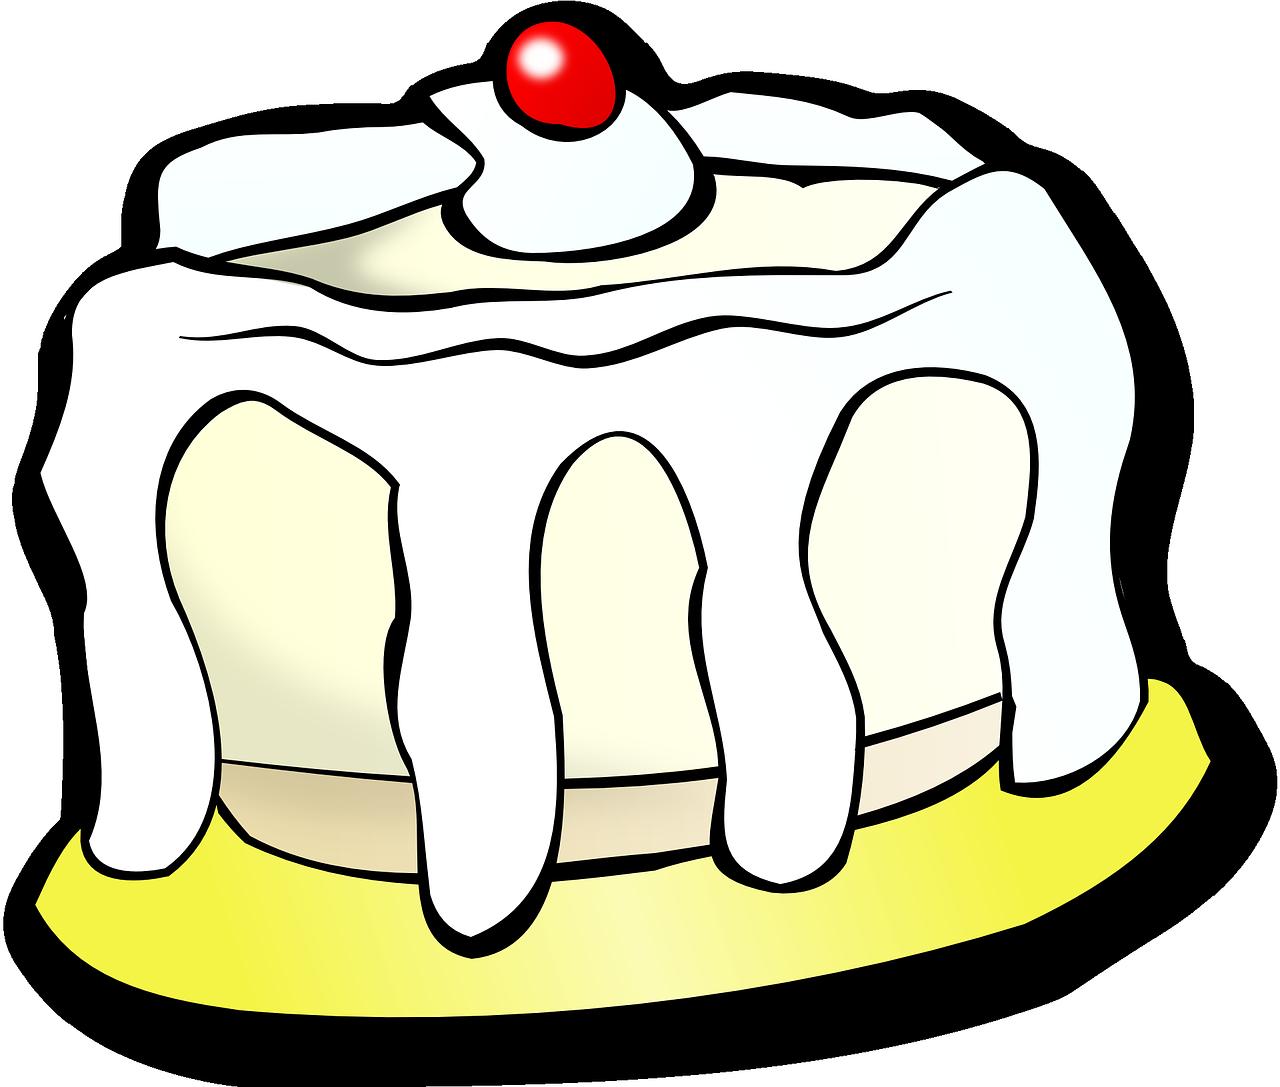 France, Cake, Food, Dessert, Sweet france, cake, food